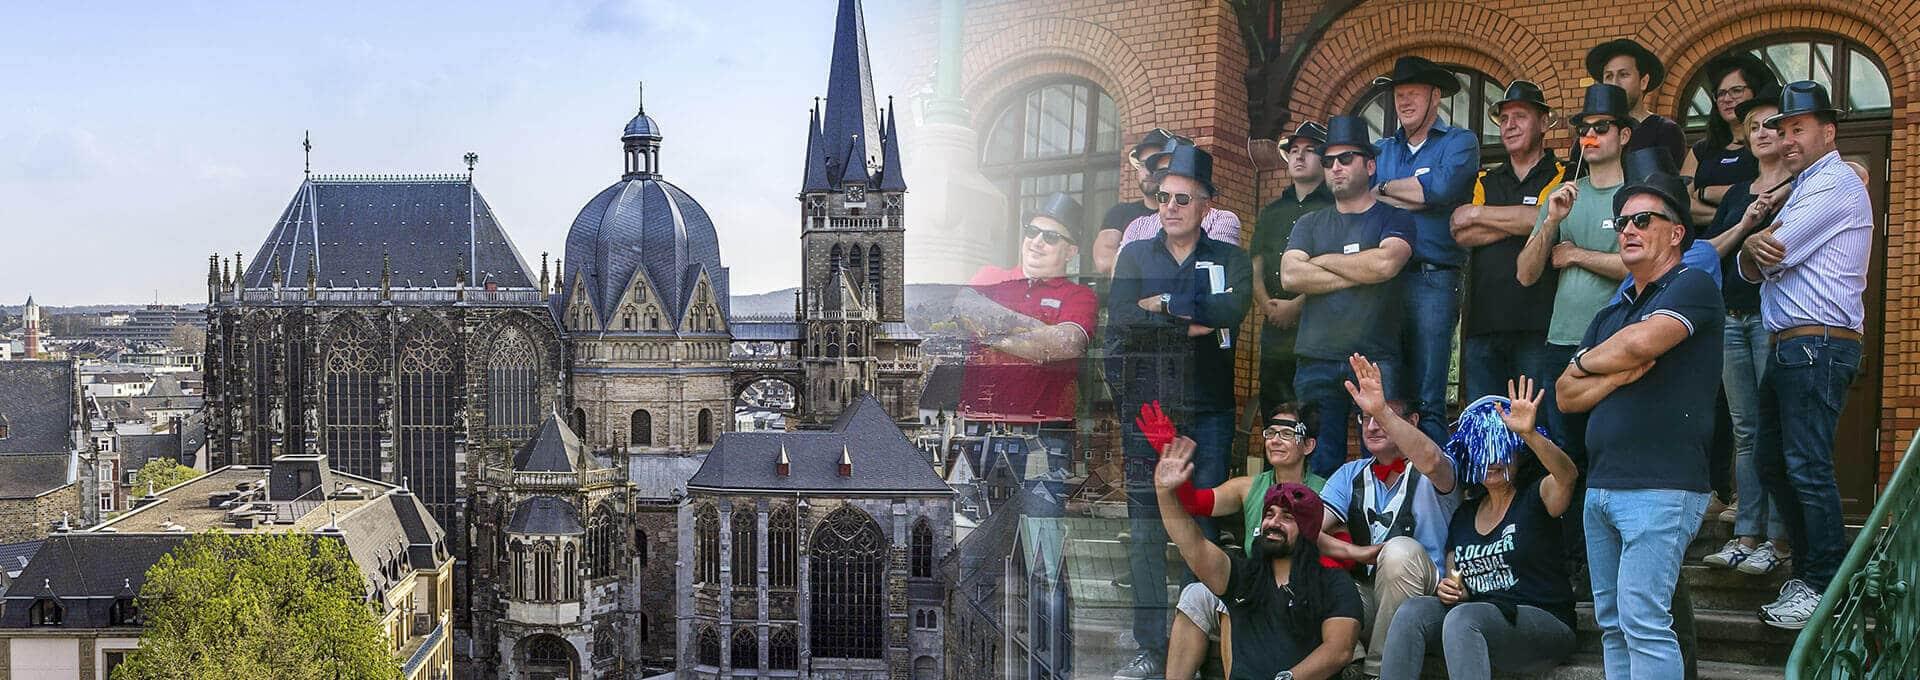 Betriebsausflug Aachen - die besten Events von b-ceed